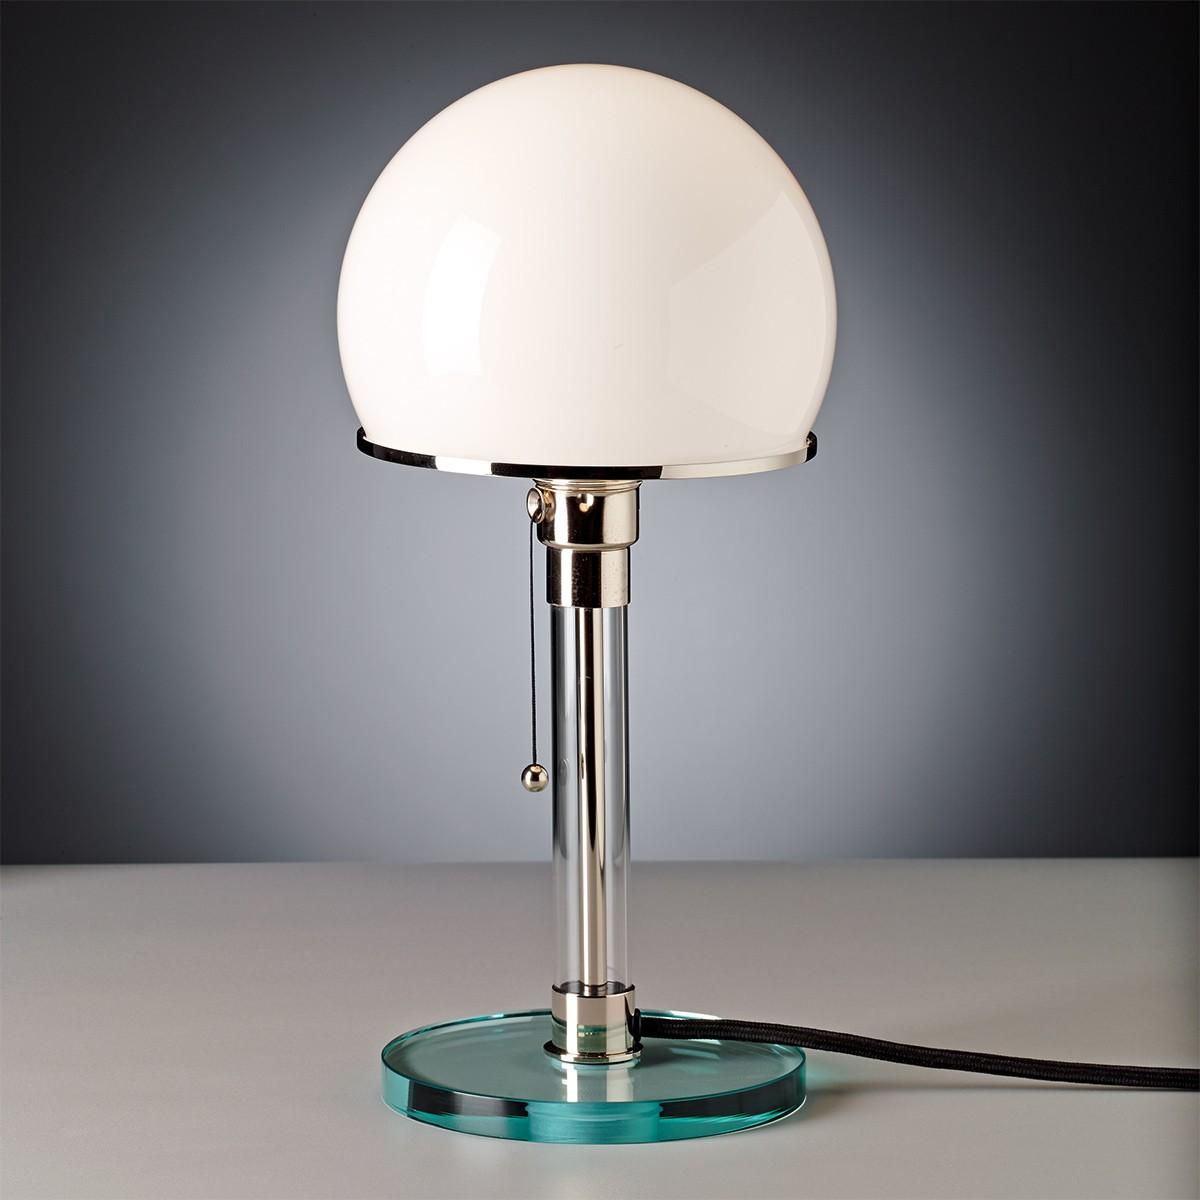 Tecnolumen Wagenfeld Tischleuchte, WG 24, Fuß + Schaft: Klarglas, Schirm: Glas opalüberfangen